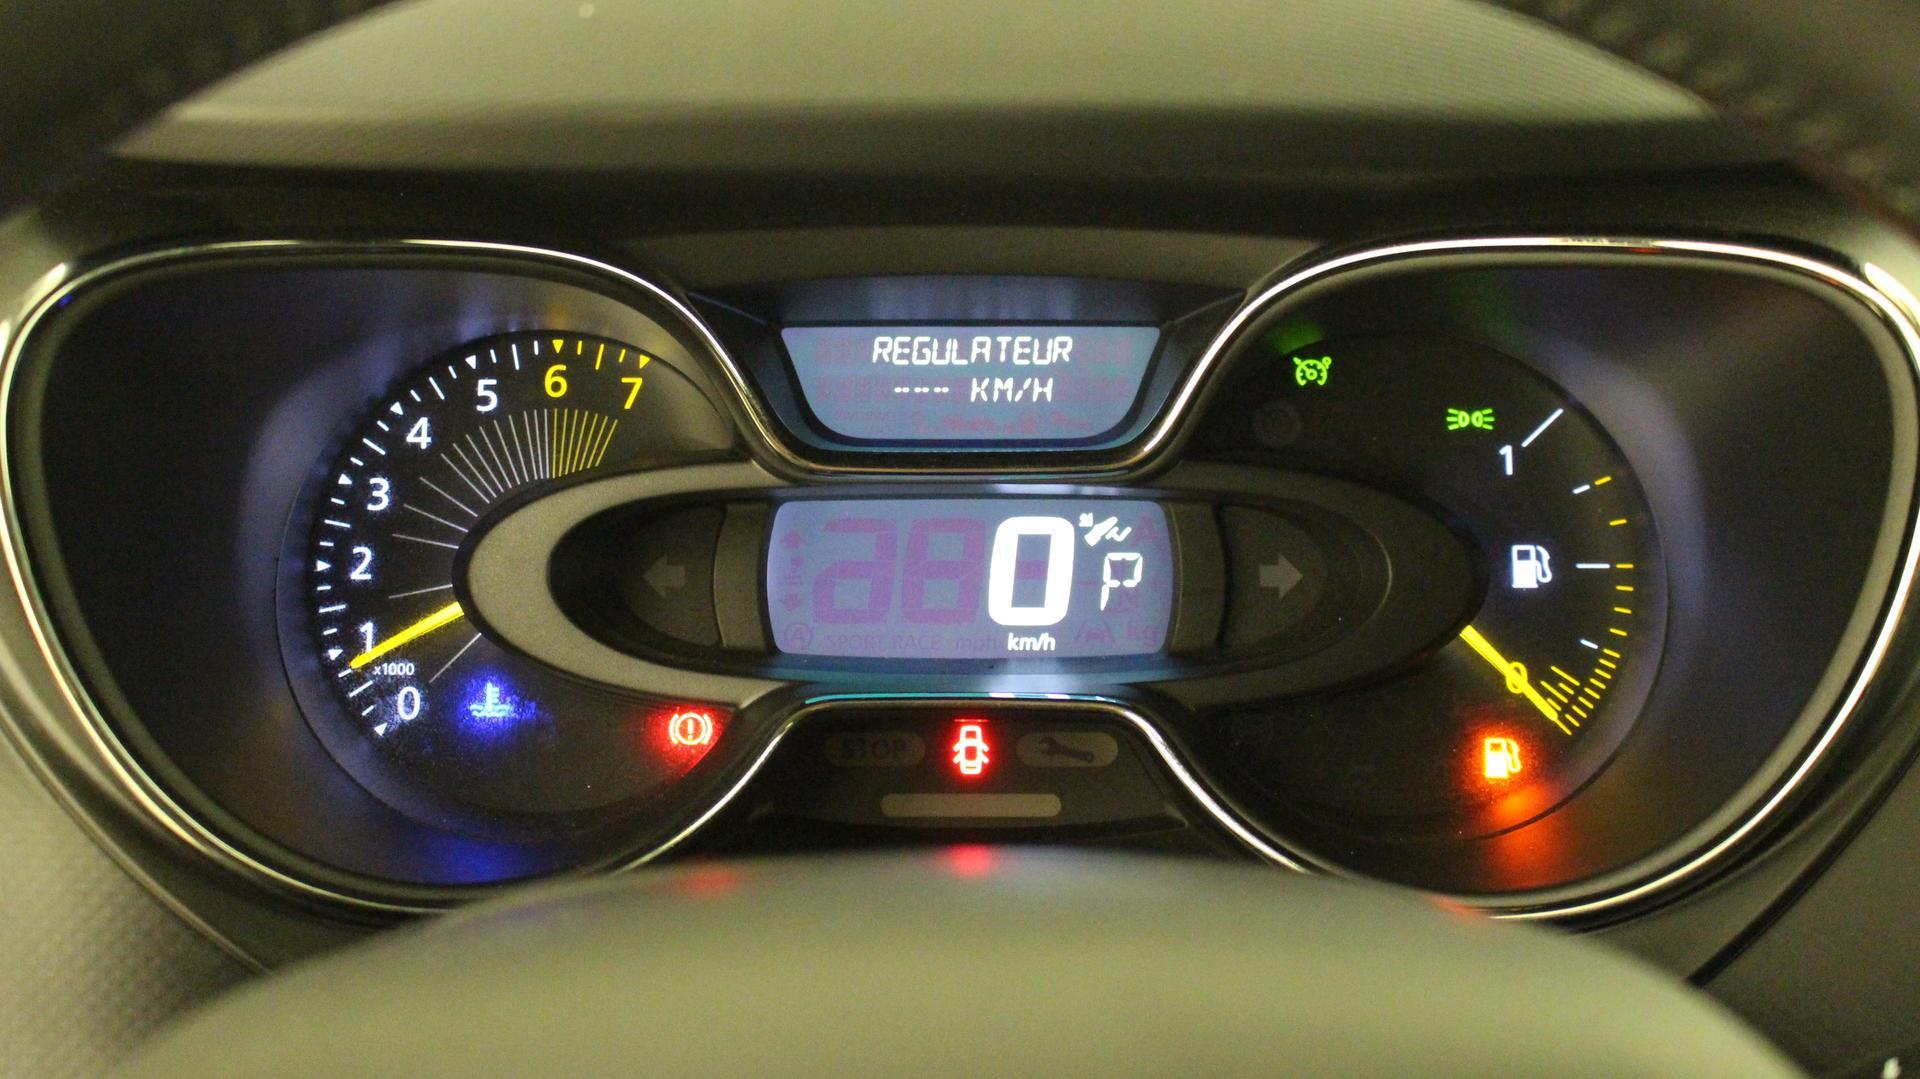 renault captur essence boite automatique occasion captur tce 120 essence boite auto edc intens. Black Bedroom Furniture Sets. Home Design Ideas